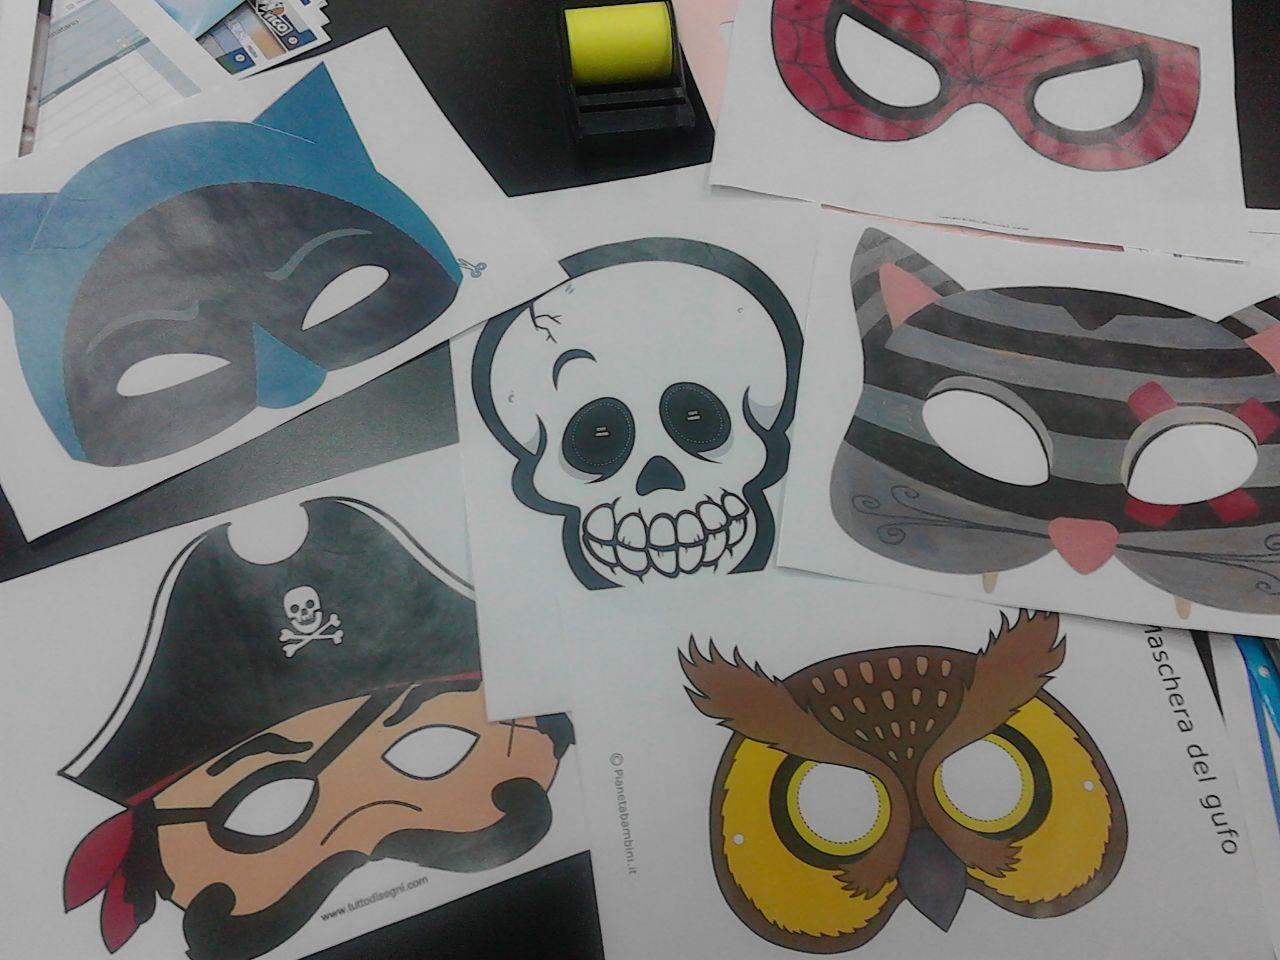 Prepara le tue maschere per la festa di Halloween con le Etichette Tico  http://www.etichettetico.it/prodotti_copylaserpremium_bianche100fogli.php?int_id=pi_0314